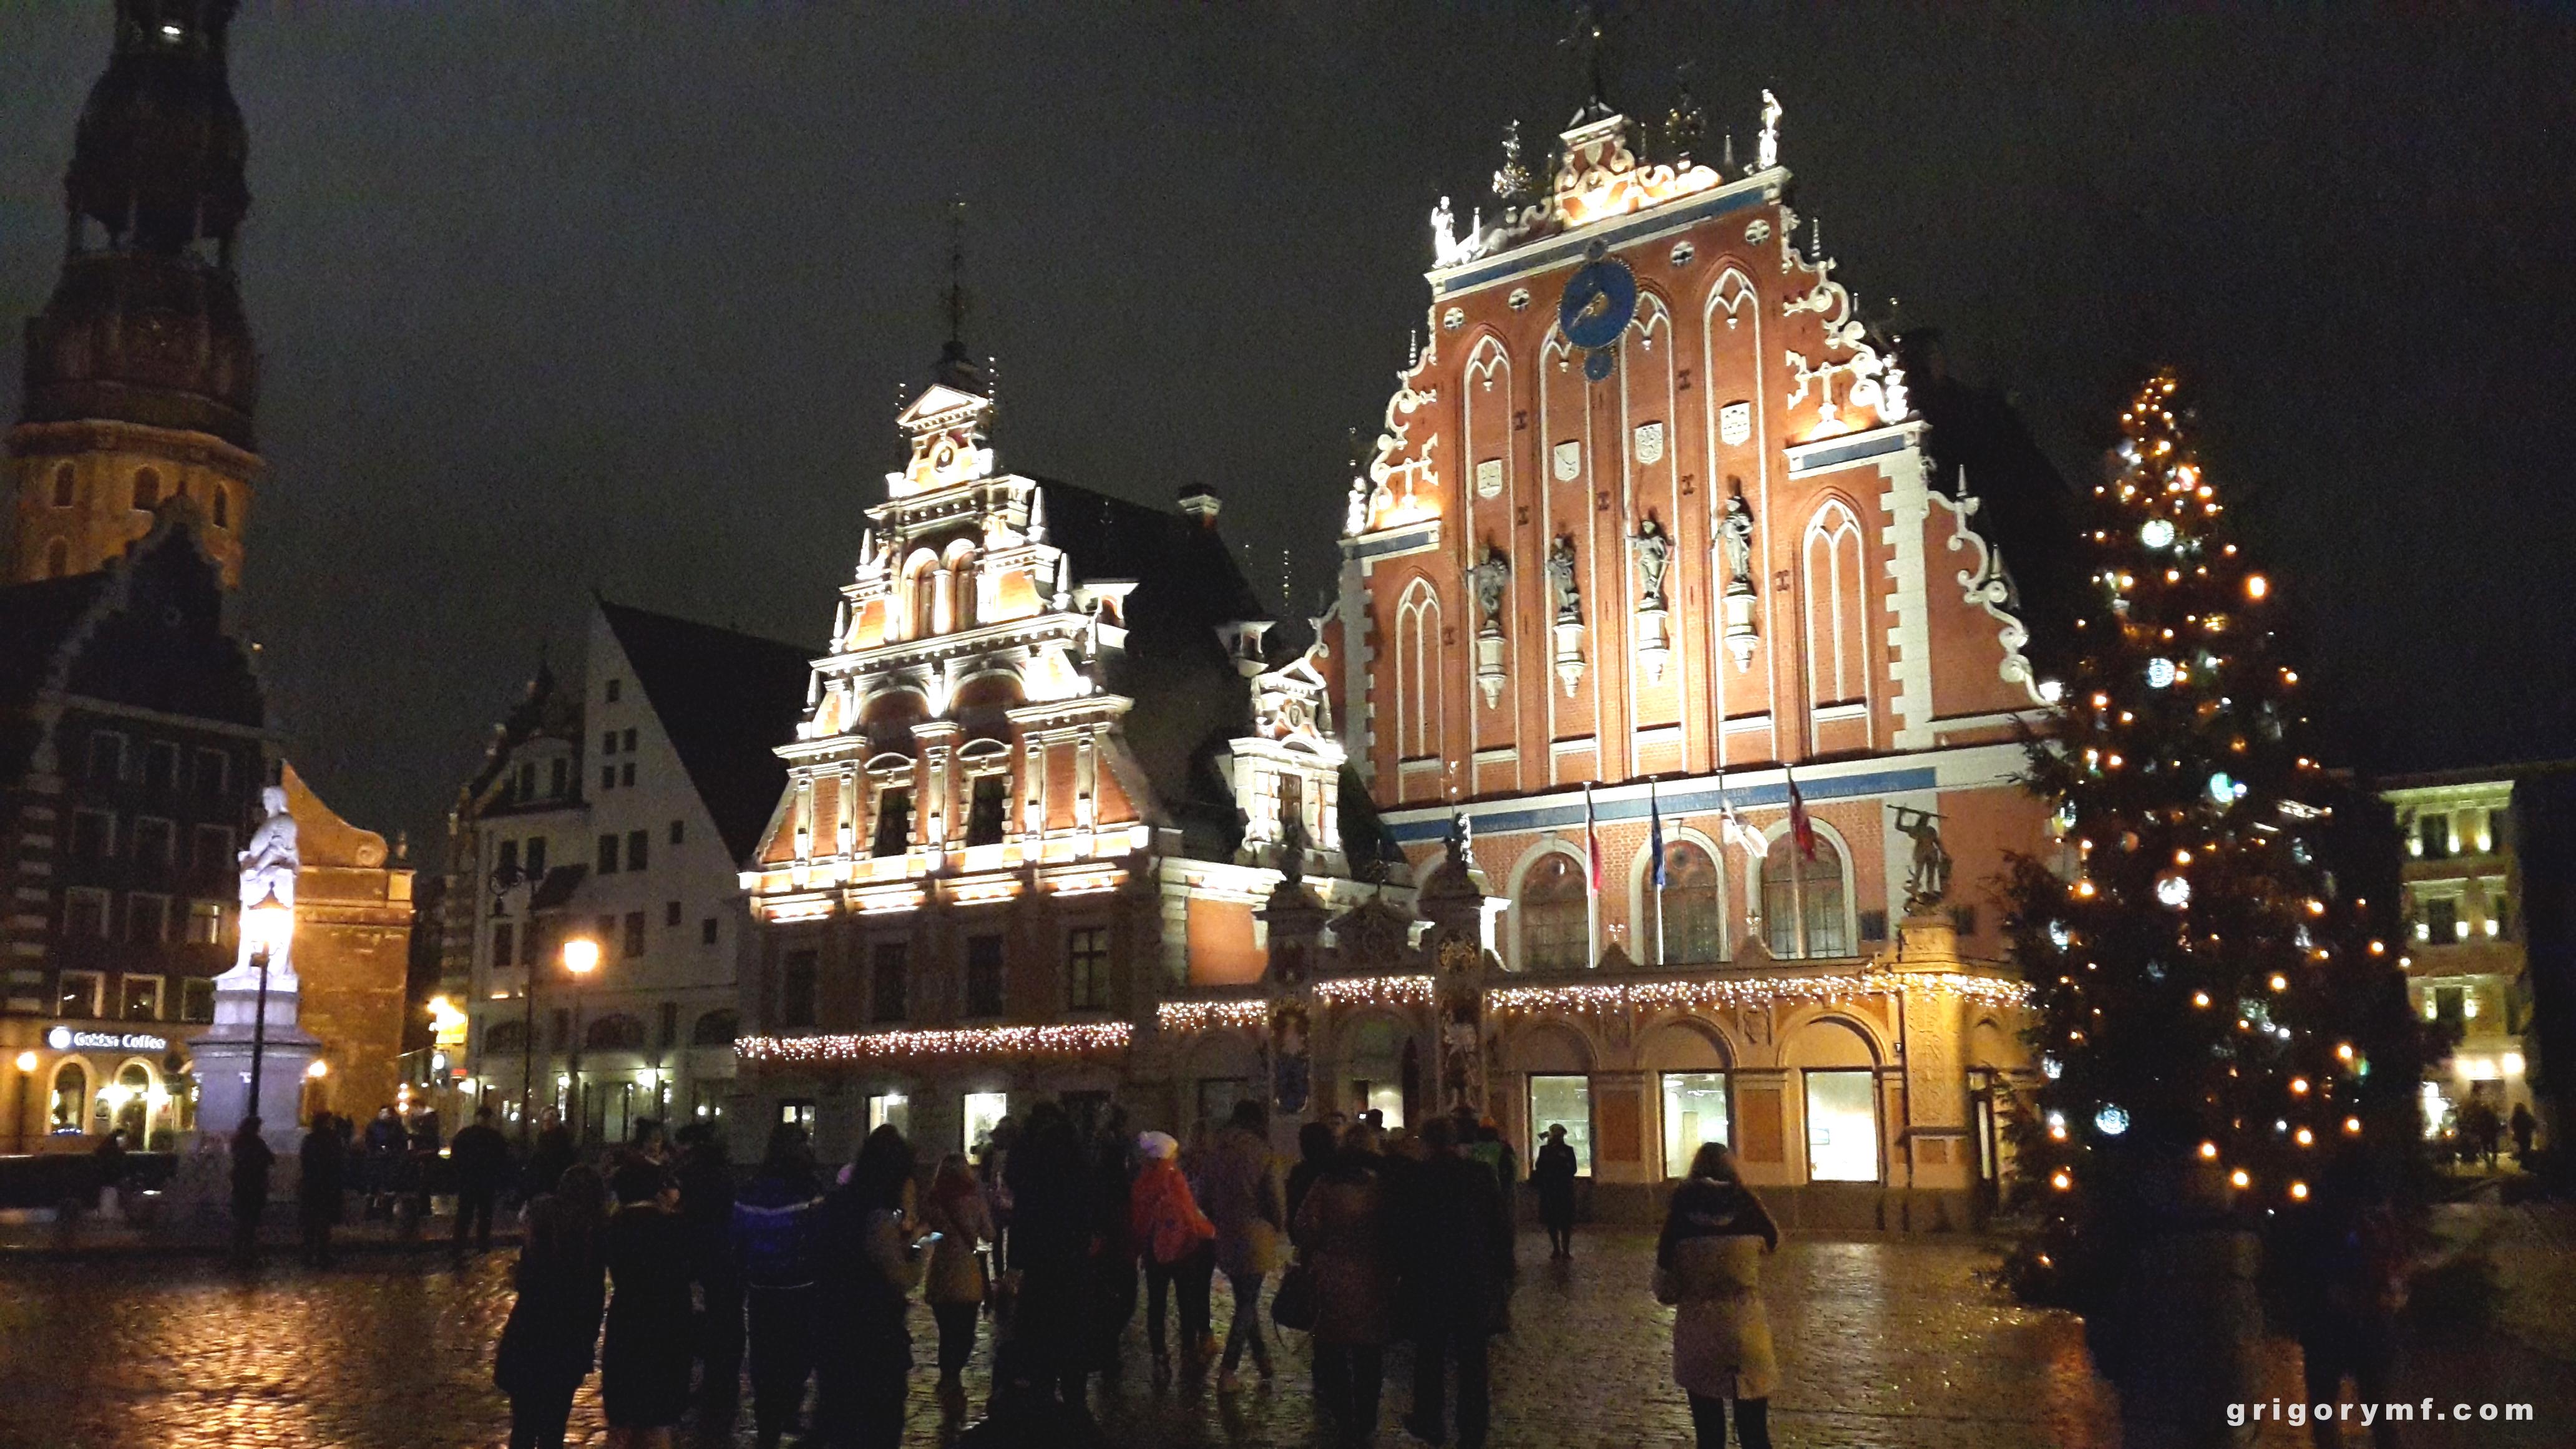 Церковь святого Петра, rigas sv petera baznica, Рига, старый город